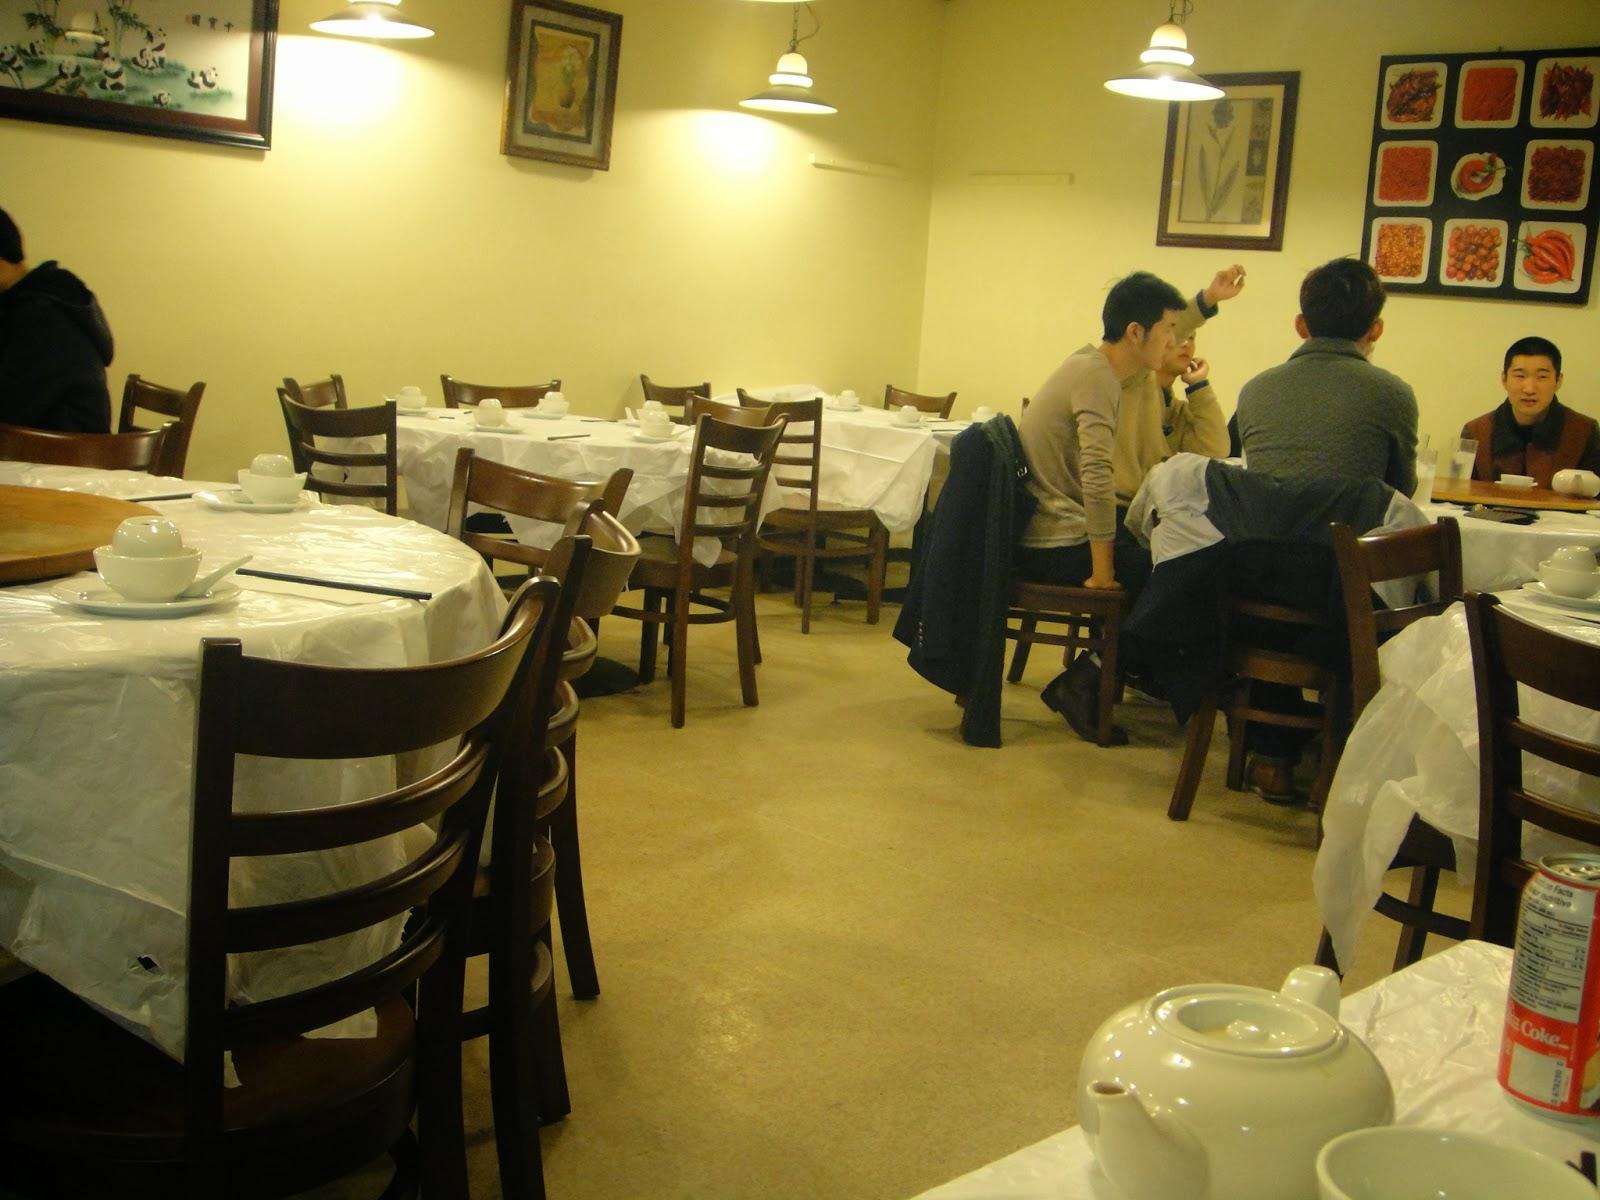 New Szechuan Restaurant 新四川飯店 |MISSVANCOUVERPIGGY